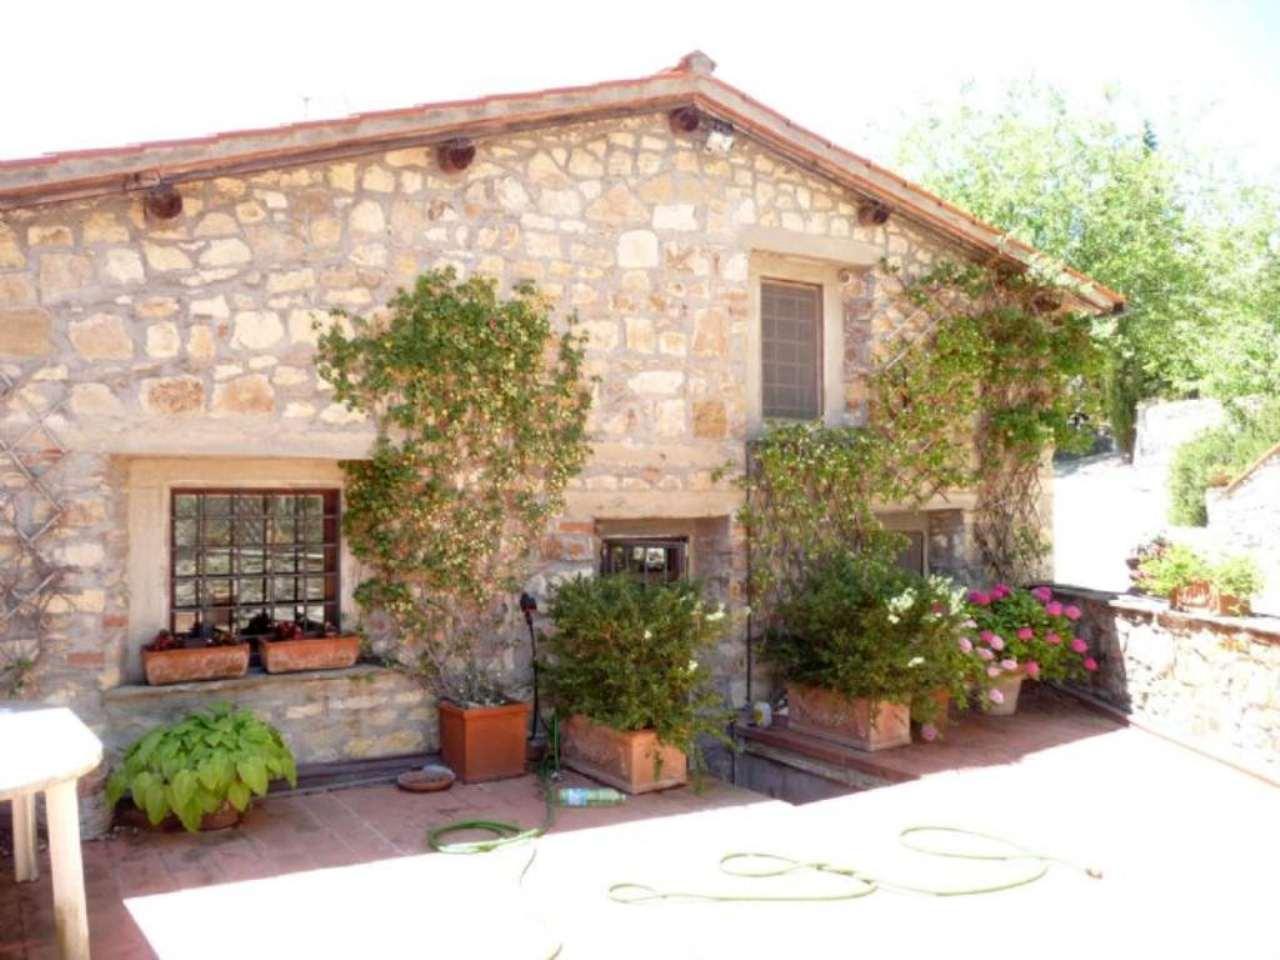 Rustico / Casale in vendita a Pontassieve, 6 locali, prezzo € 465.000 | CambioCasa.it